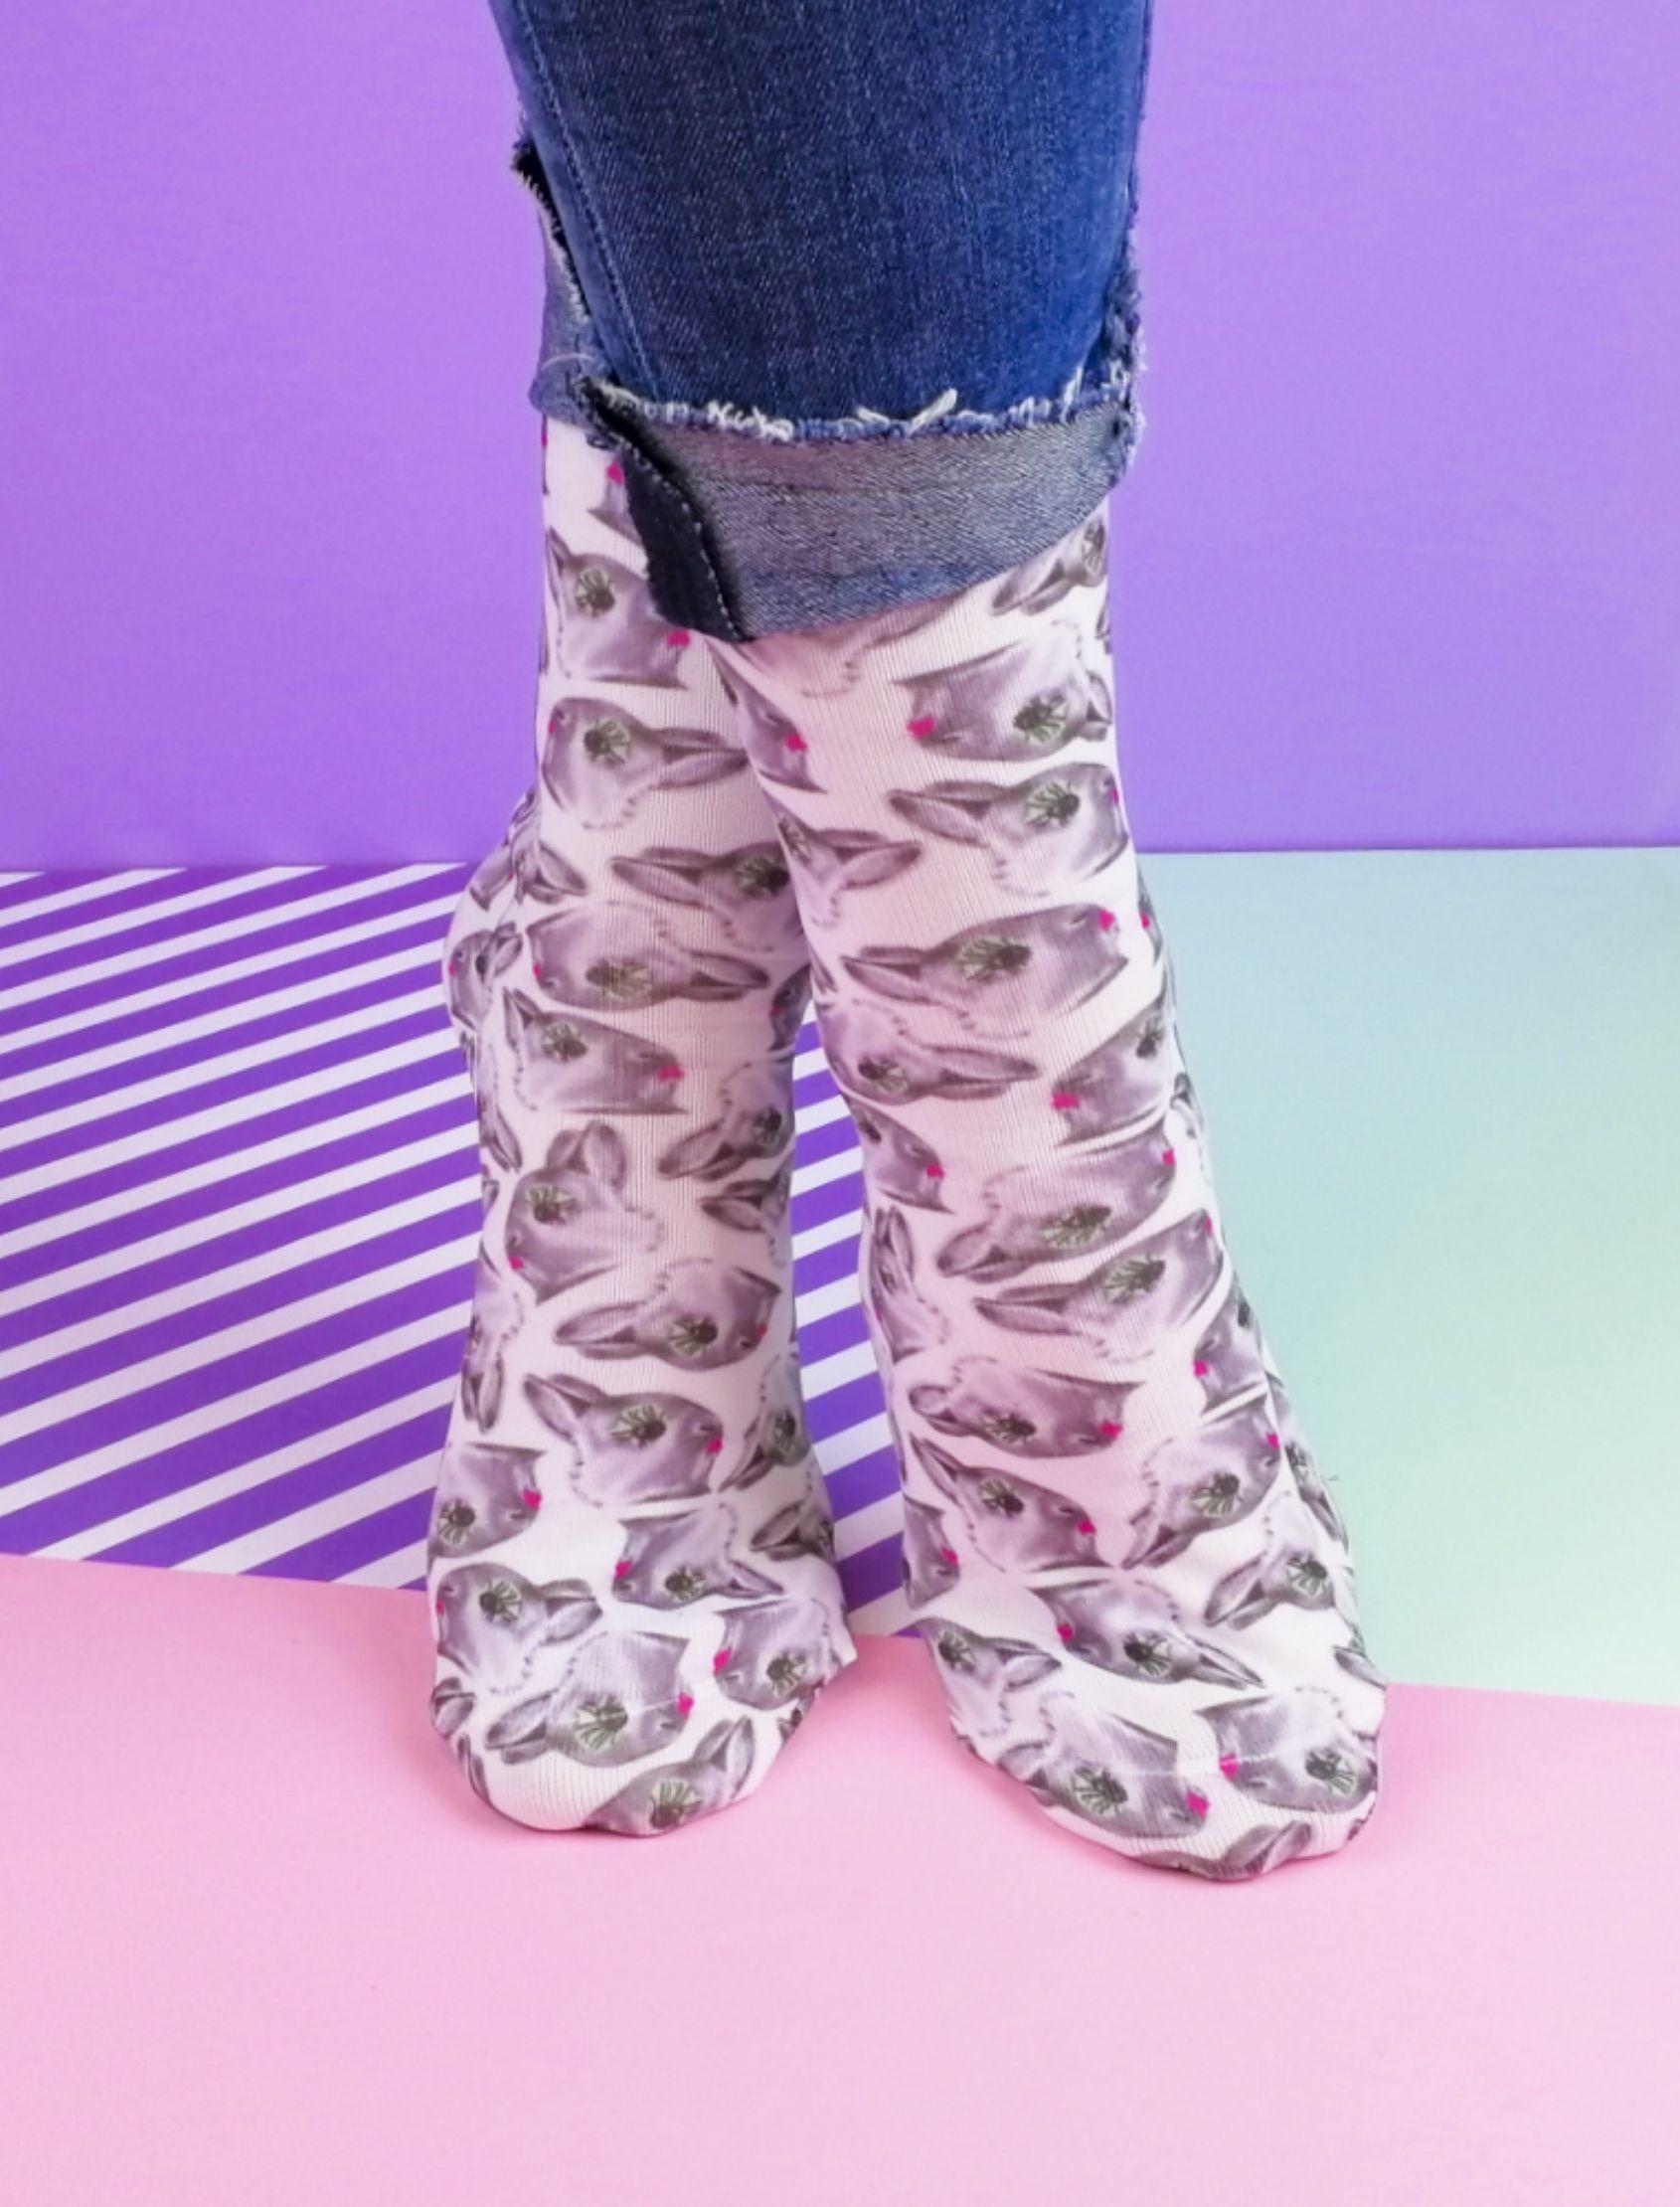 calcetines con estampado de conejos pop up de sweet paripe